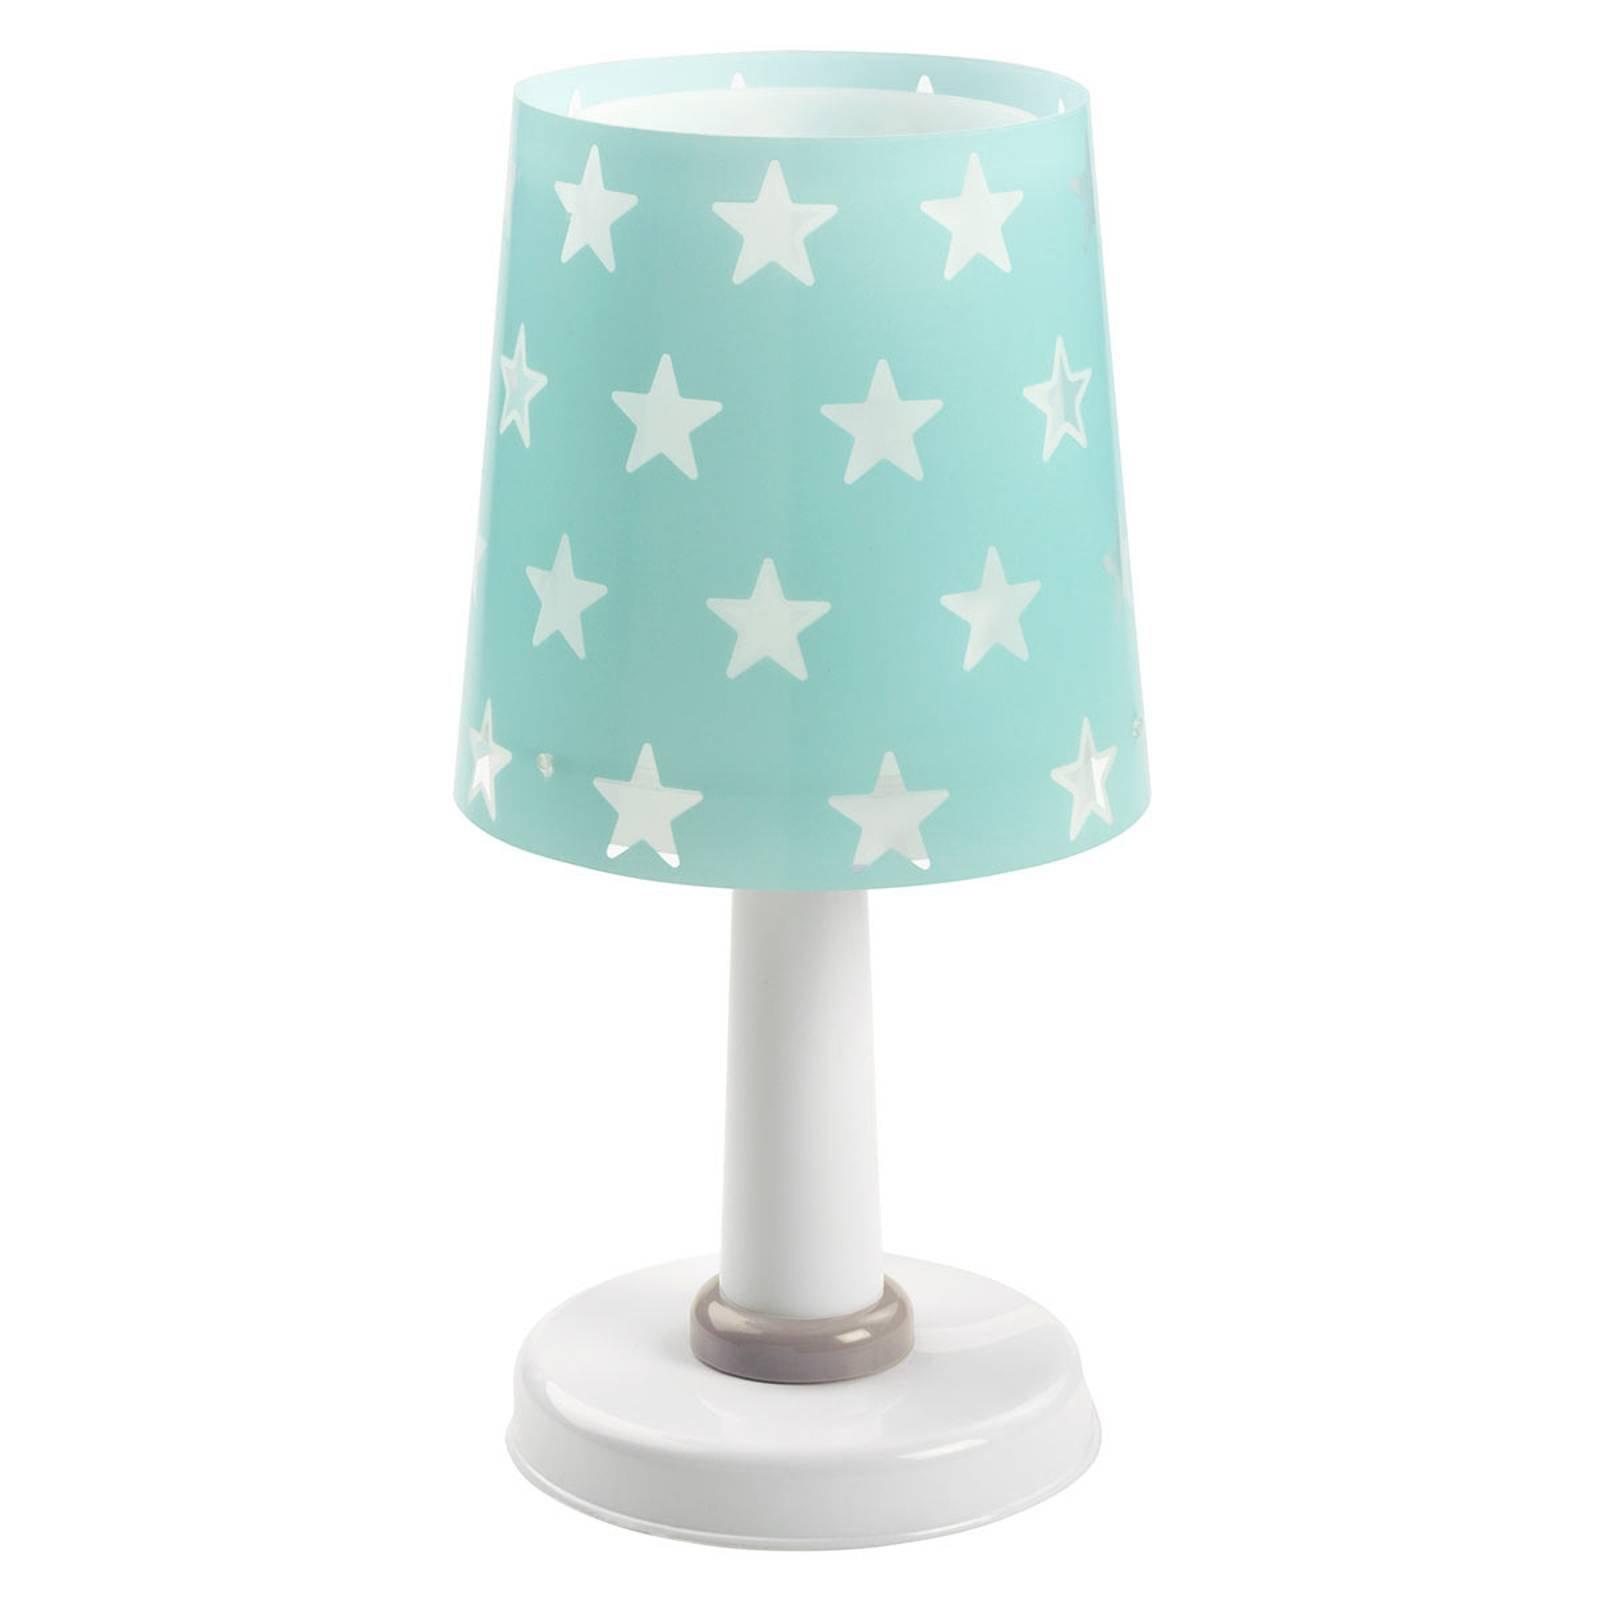 Turkisfarget bordlampe Stars m. lyseffekt